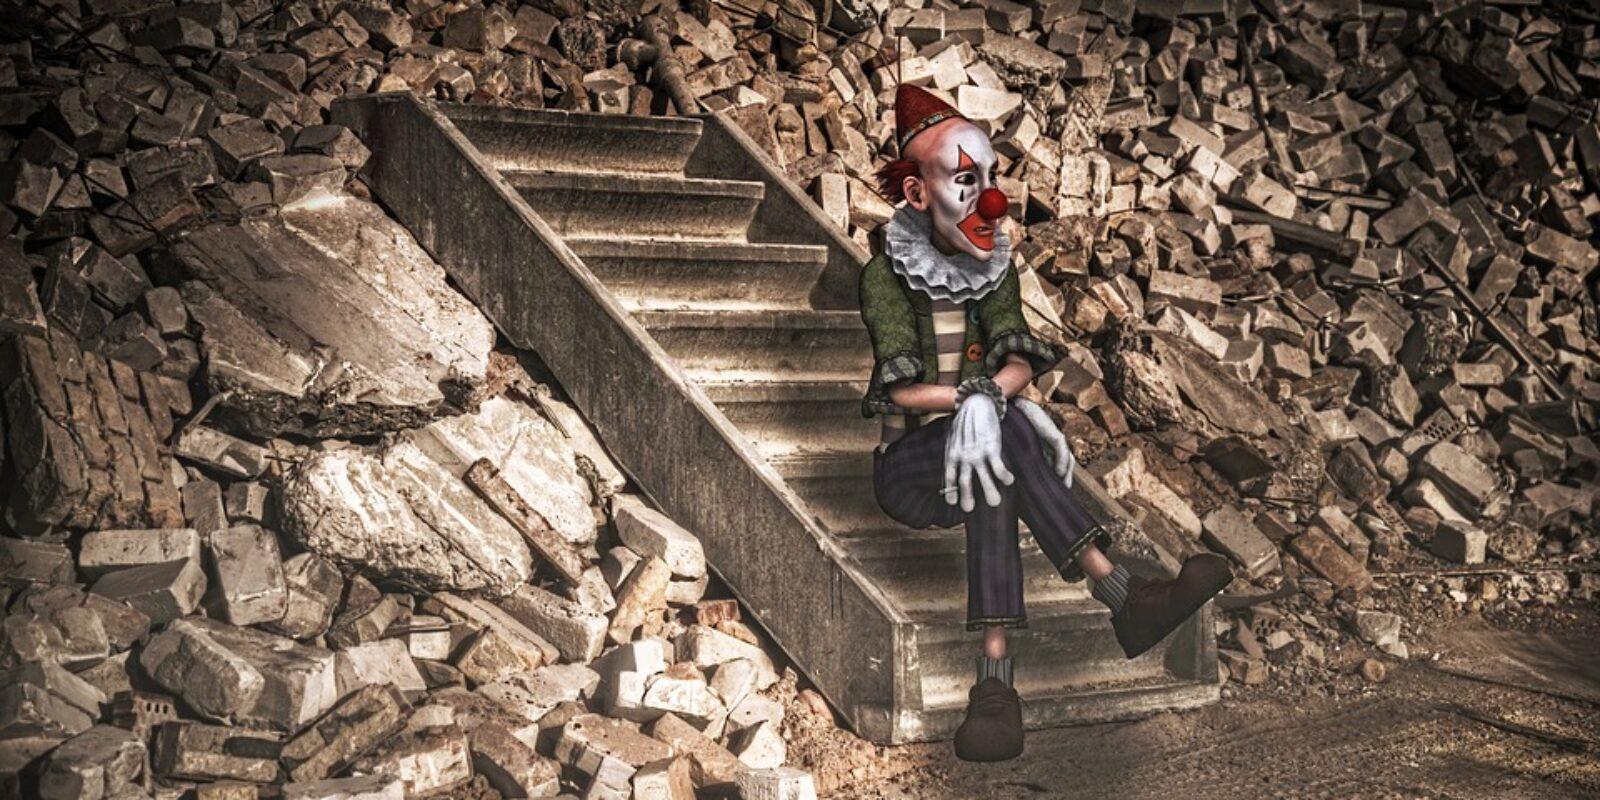 clown-1614649_960_720